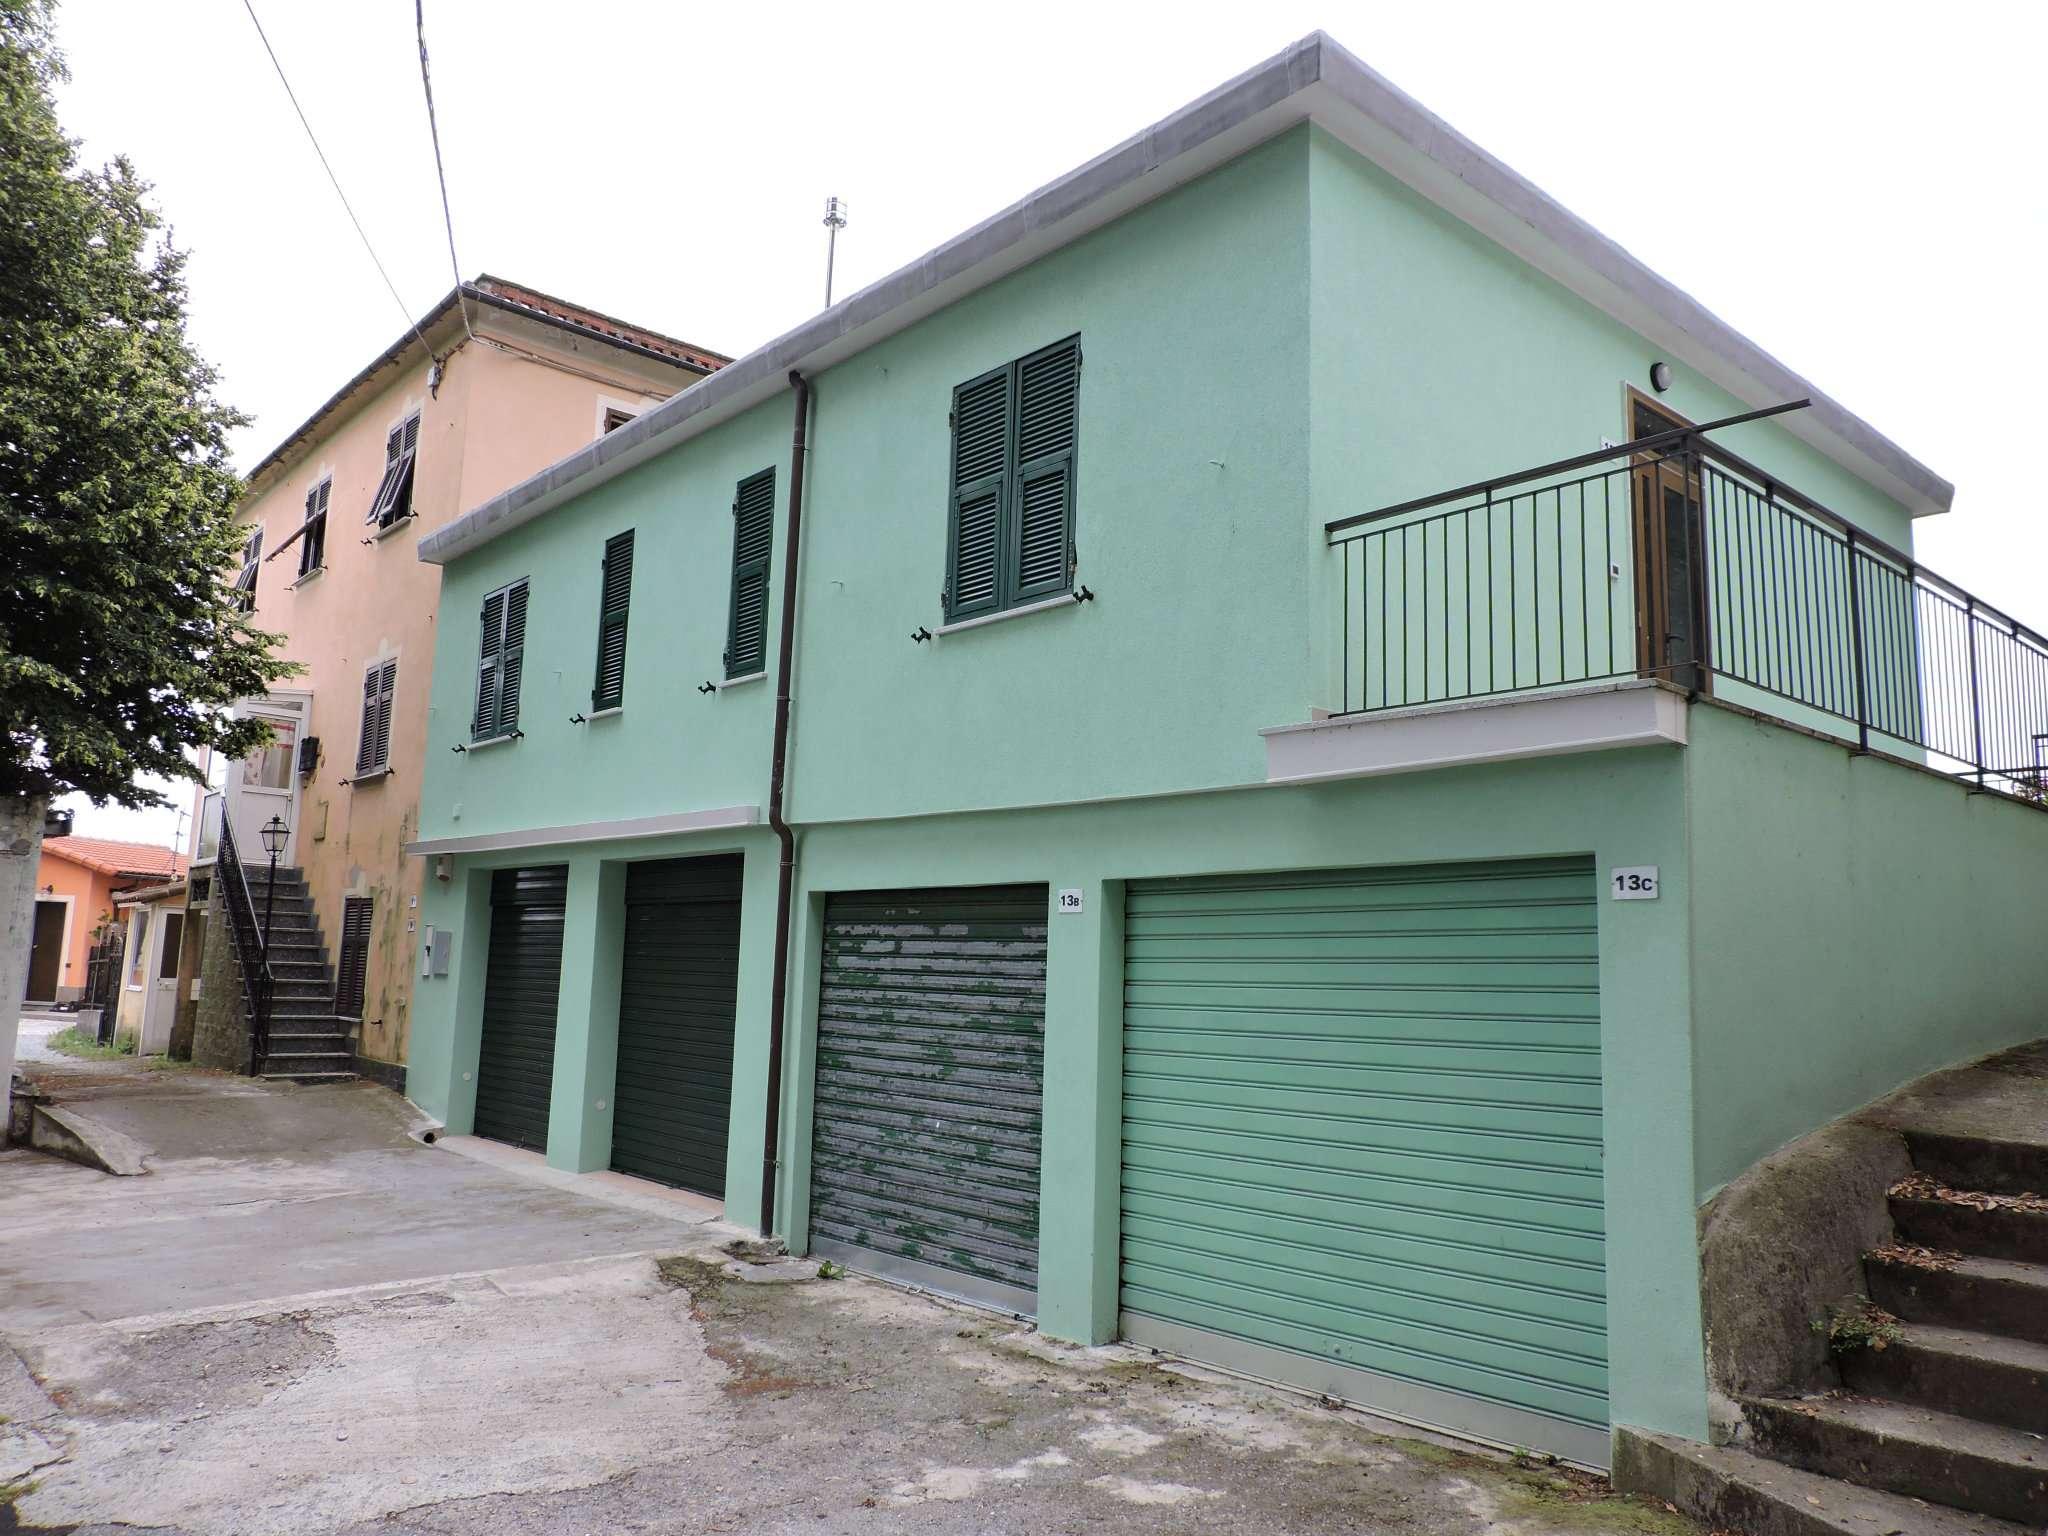 Ceranesi Livellato via San bernardo appartamento 7 vani con box auto Euro 500,00 mensili